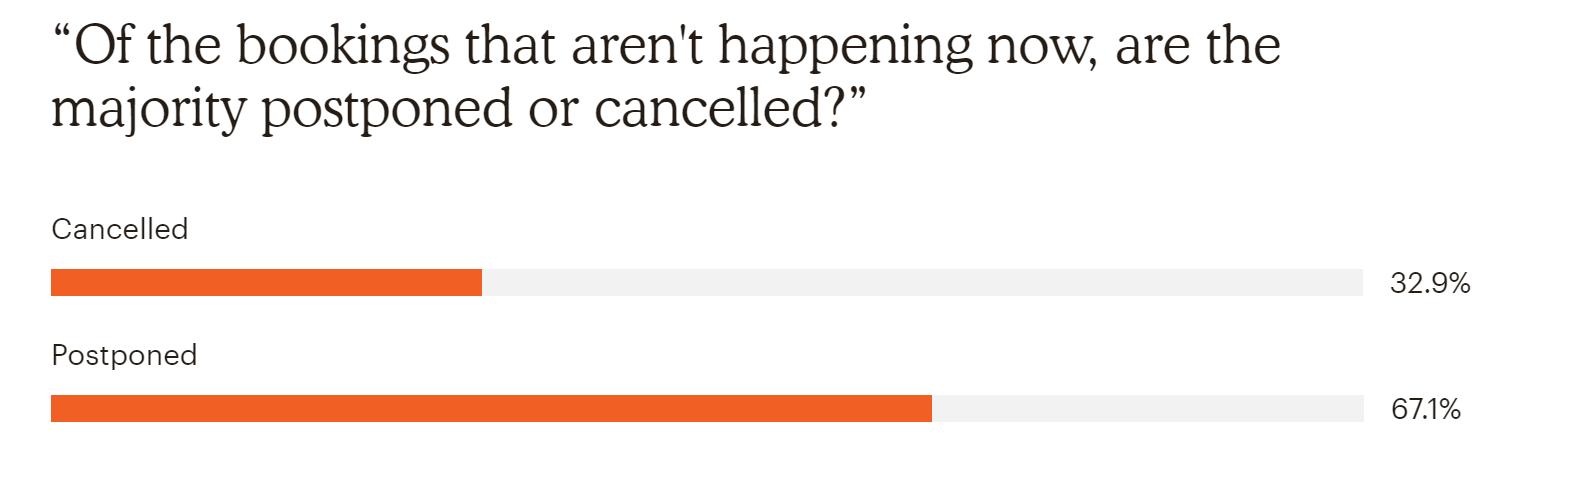 Postpone vs cancel